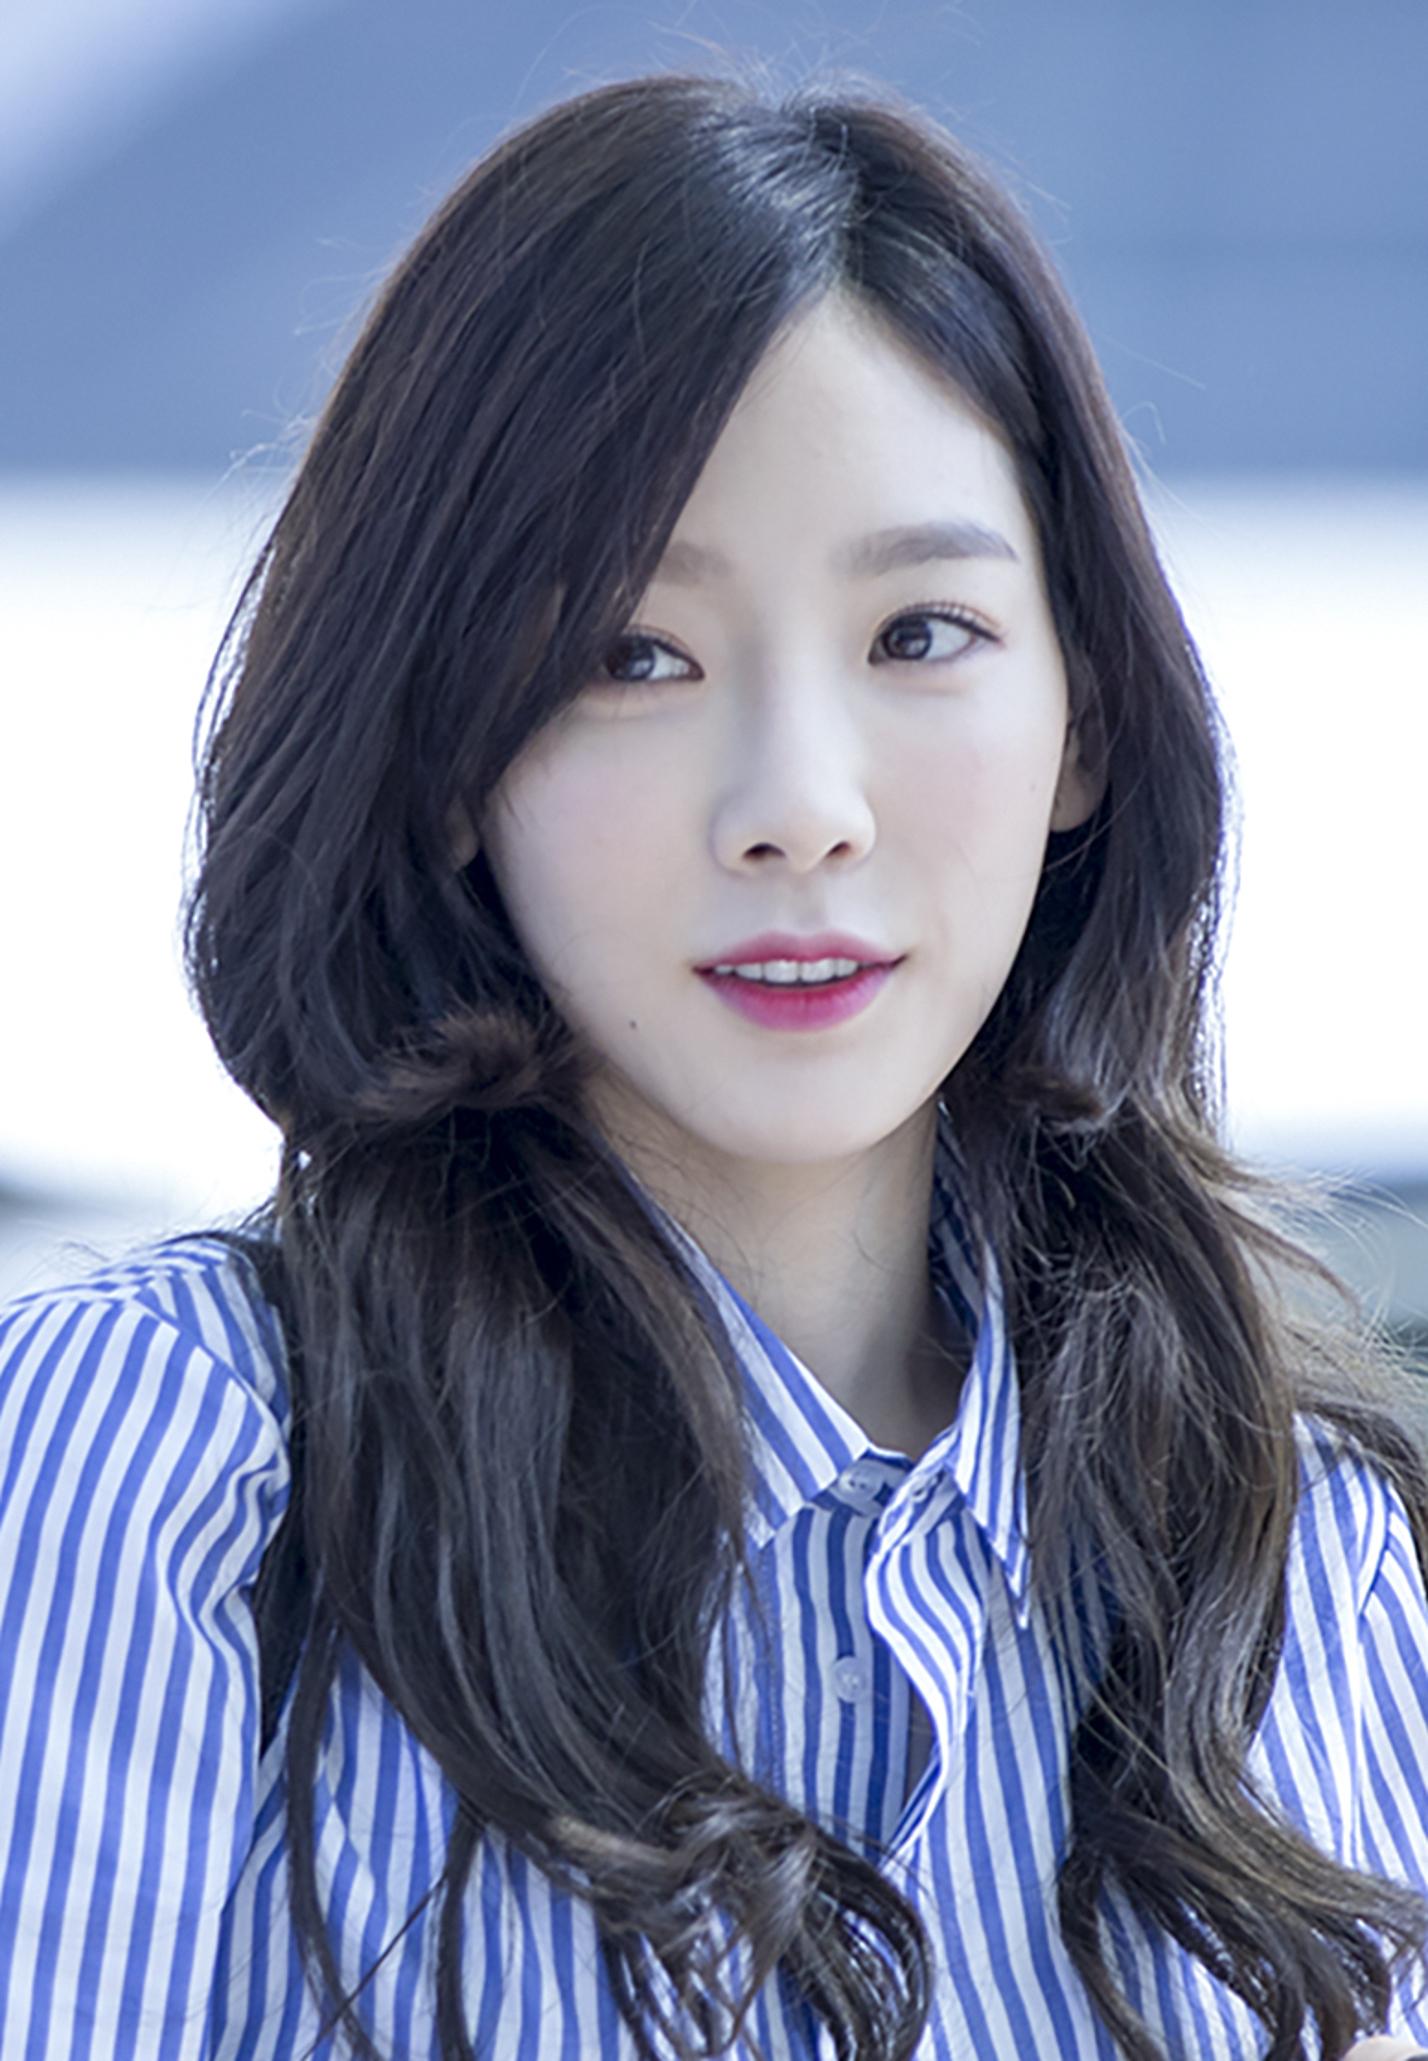 FileKim Tae Yeon On May 18 2017jpg Wikimedia Commons